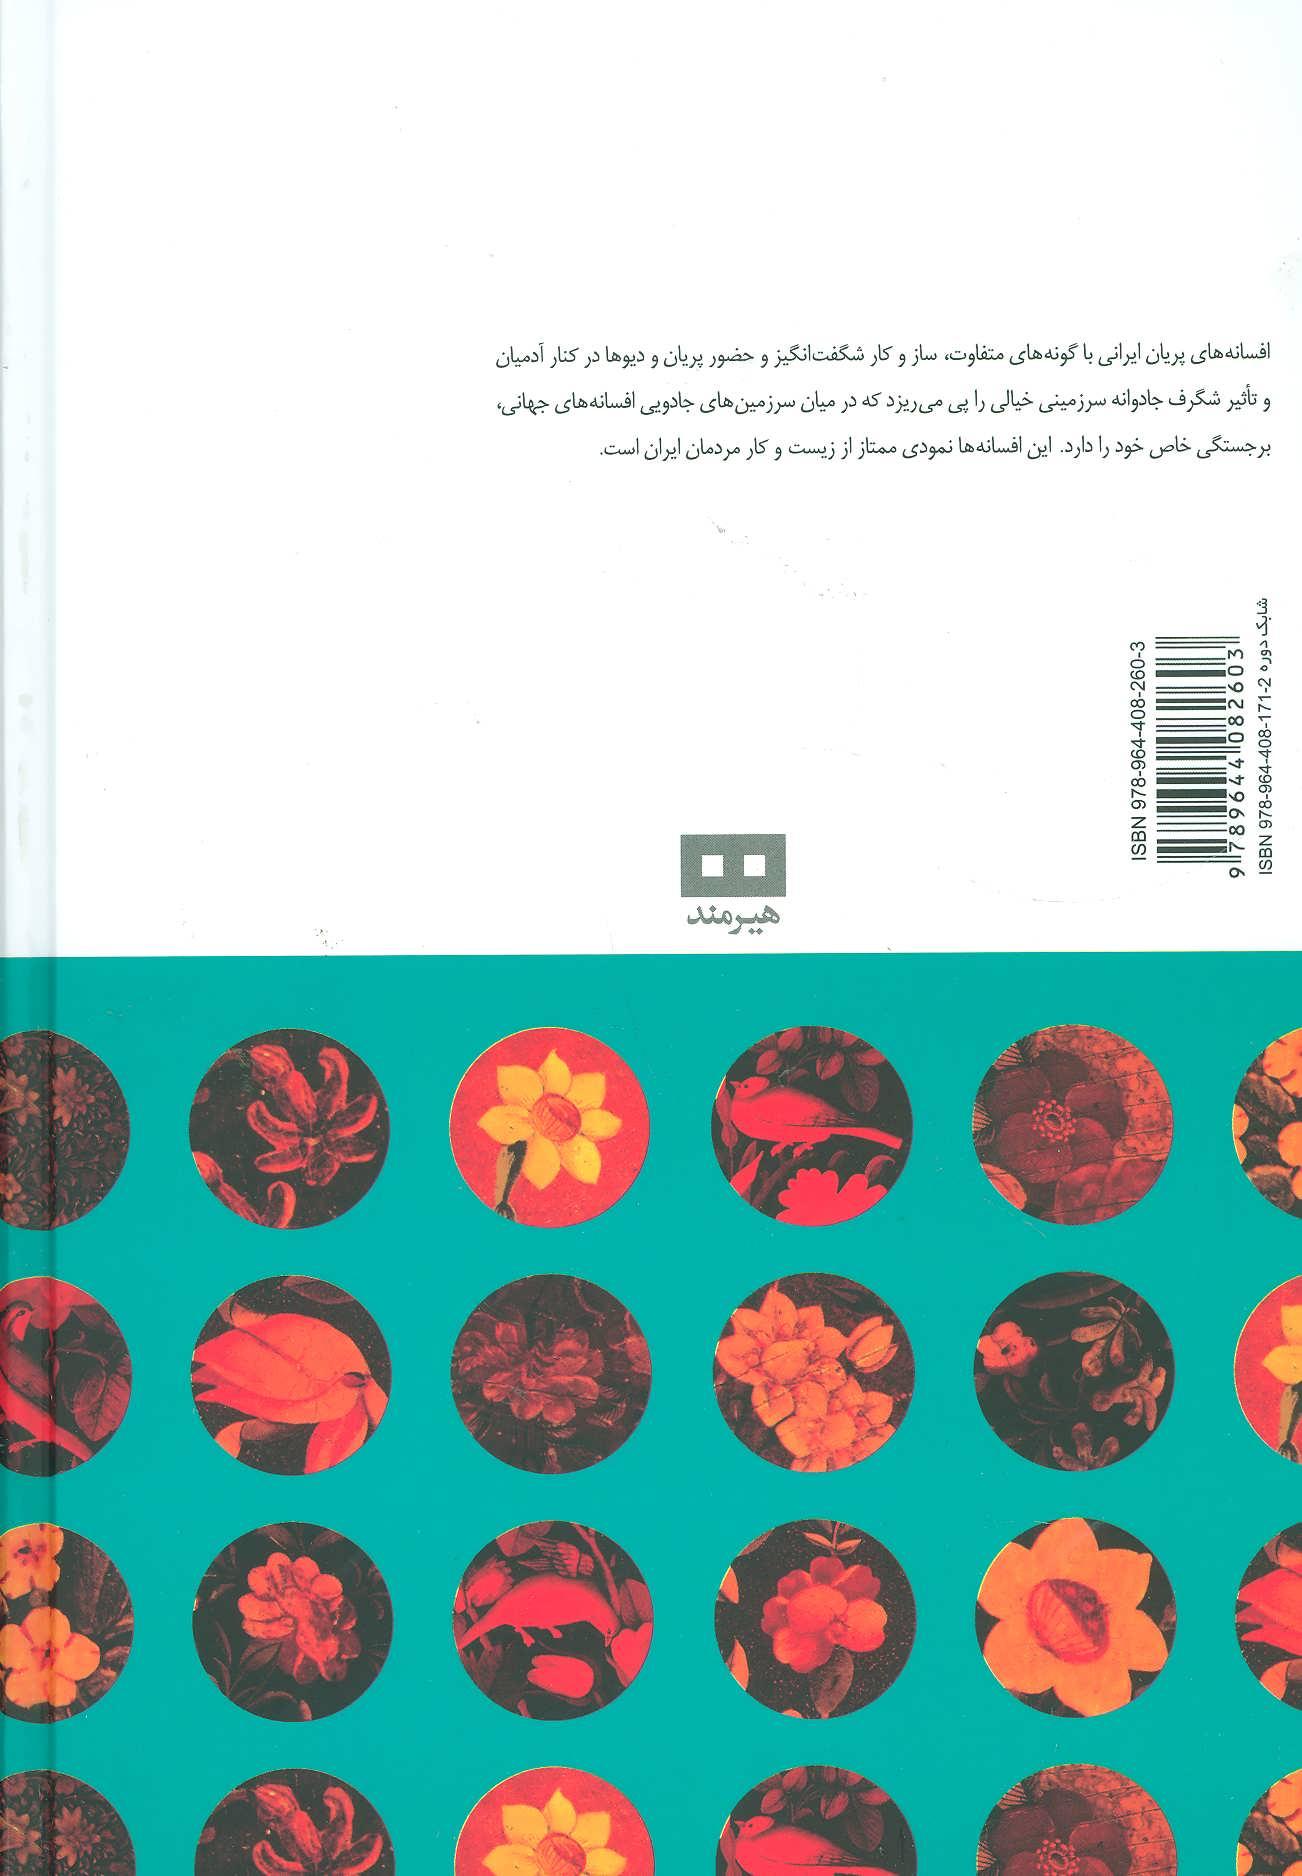 افسانه های ایرانی 3 (افسانه های پریان)